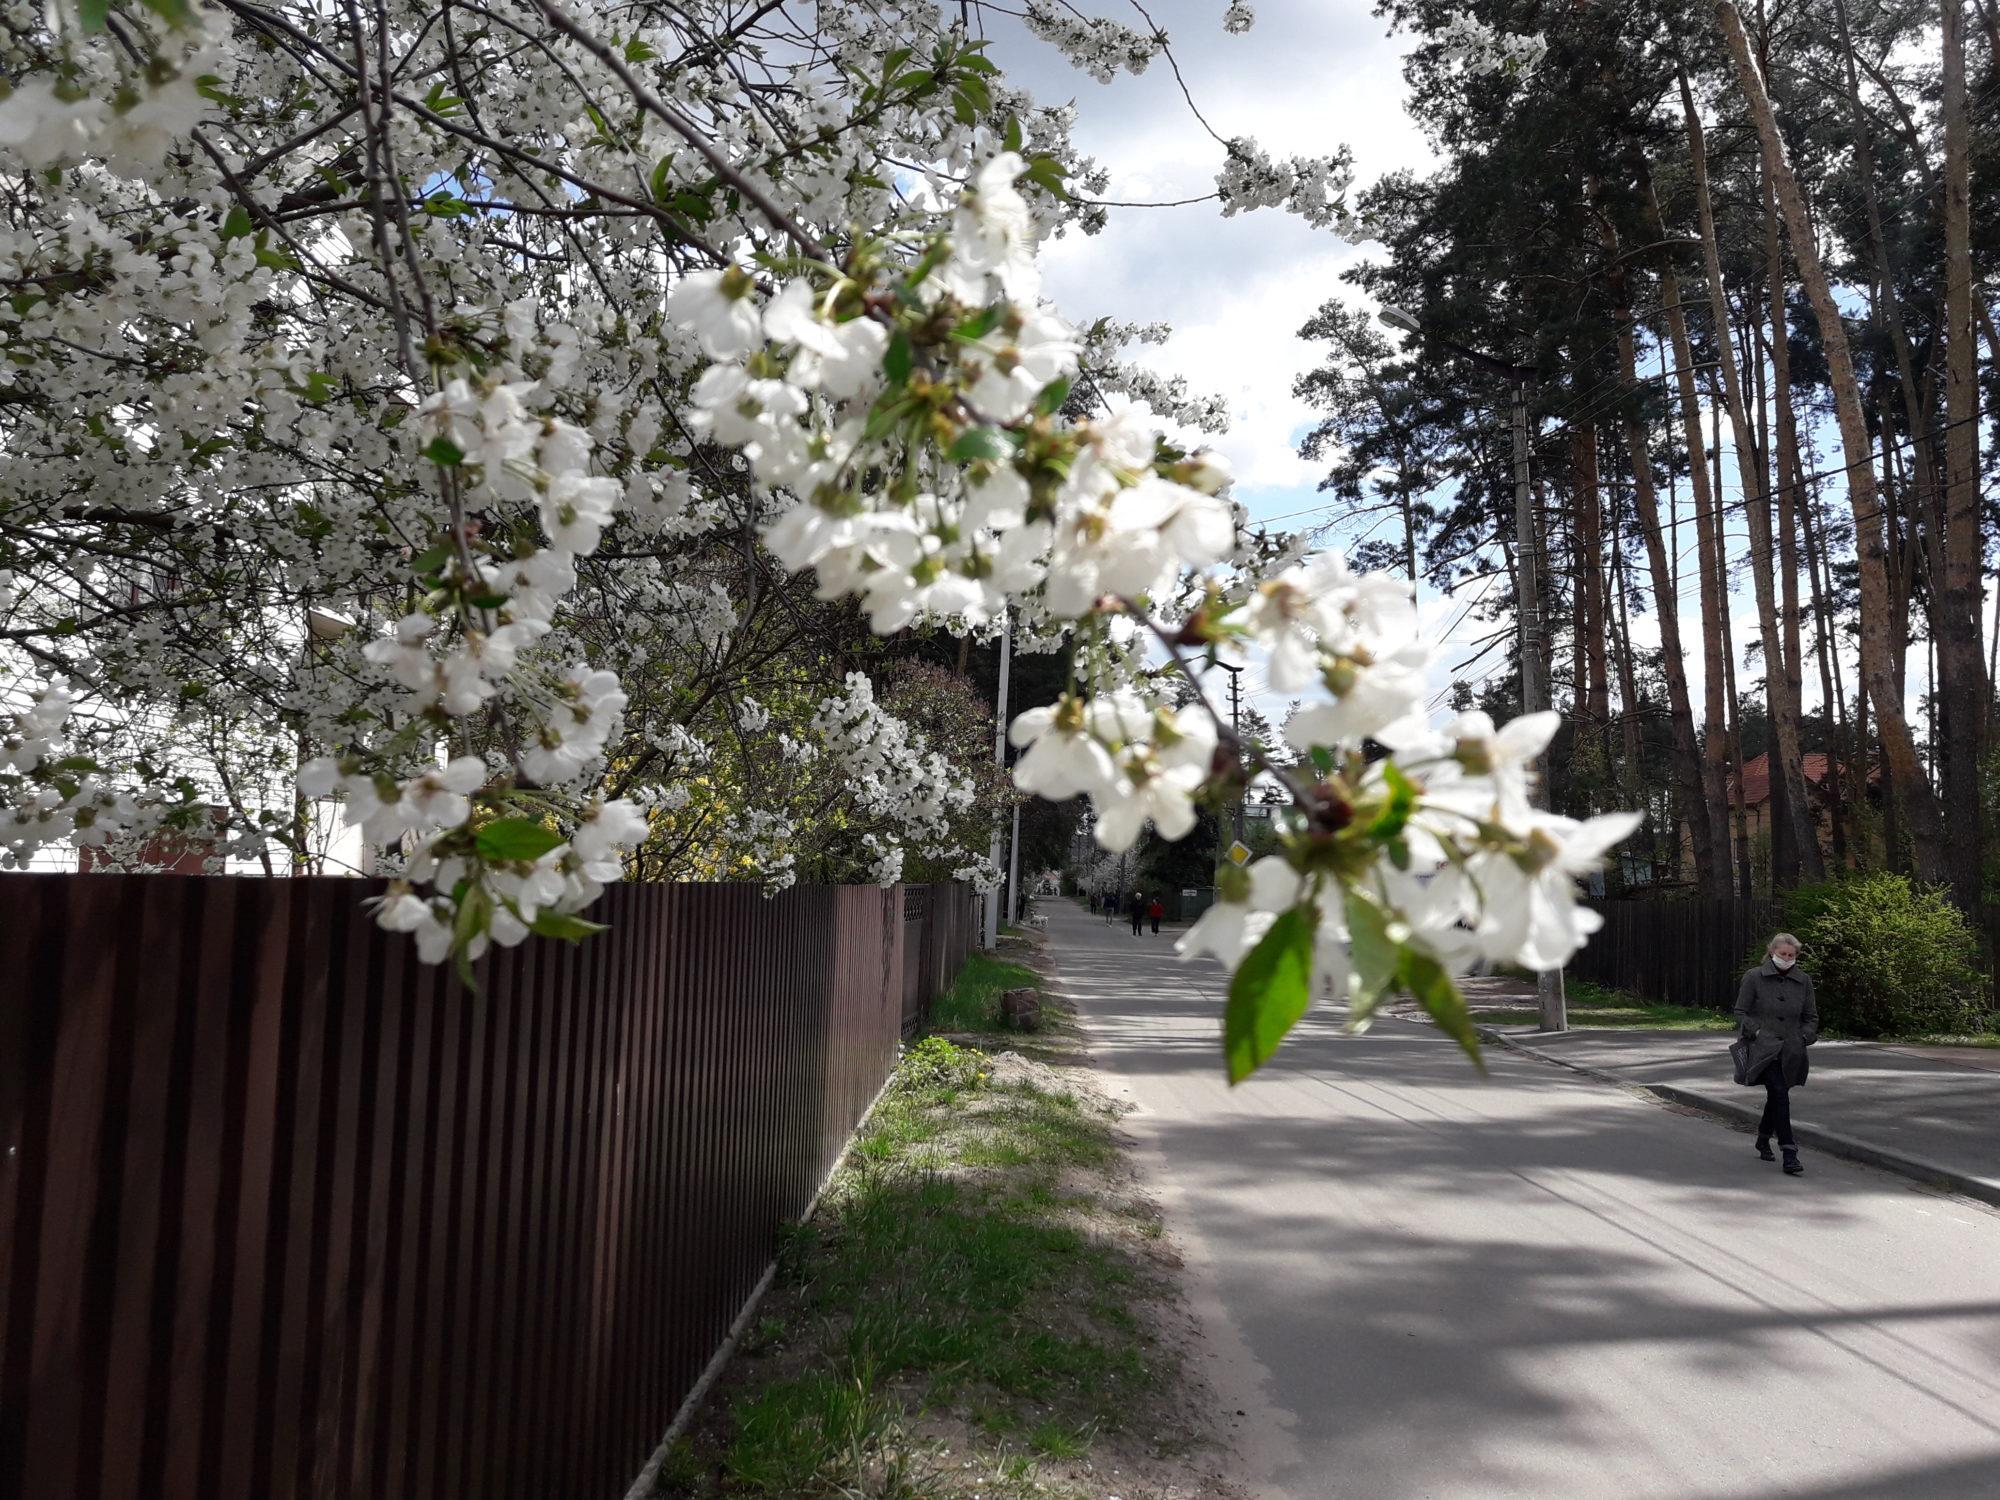 Ірпінь квітне: у місті настає пік цвітіння дерев та кущів (ФОТО) -  - 20200427 123411 2000x1500